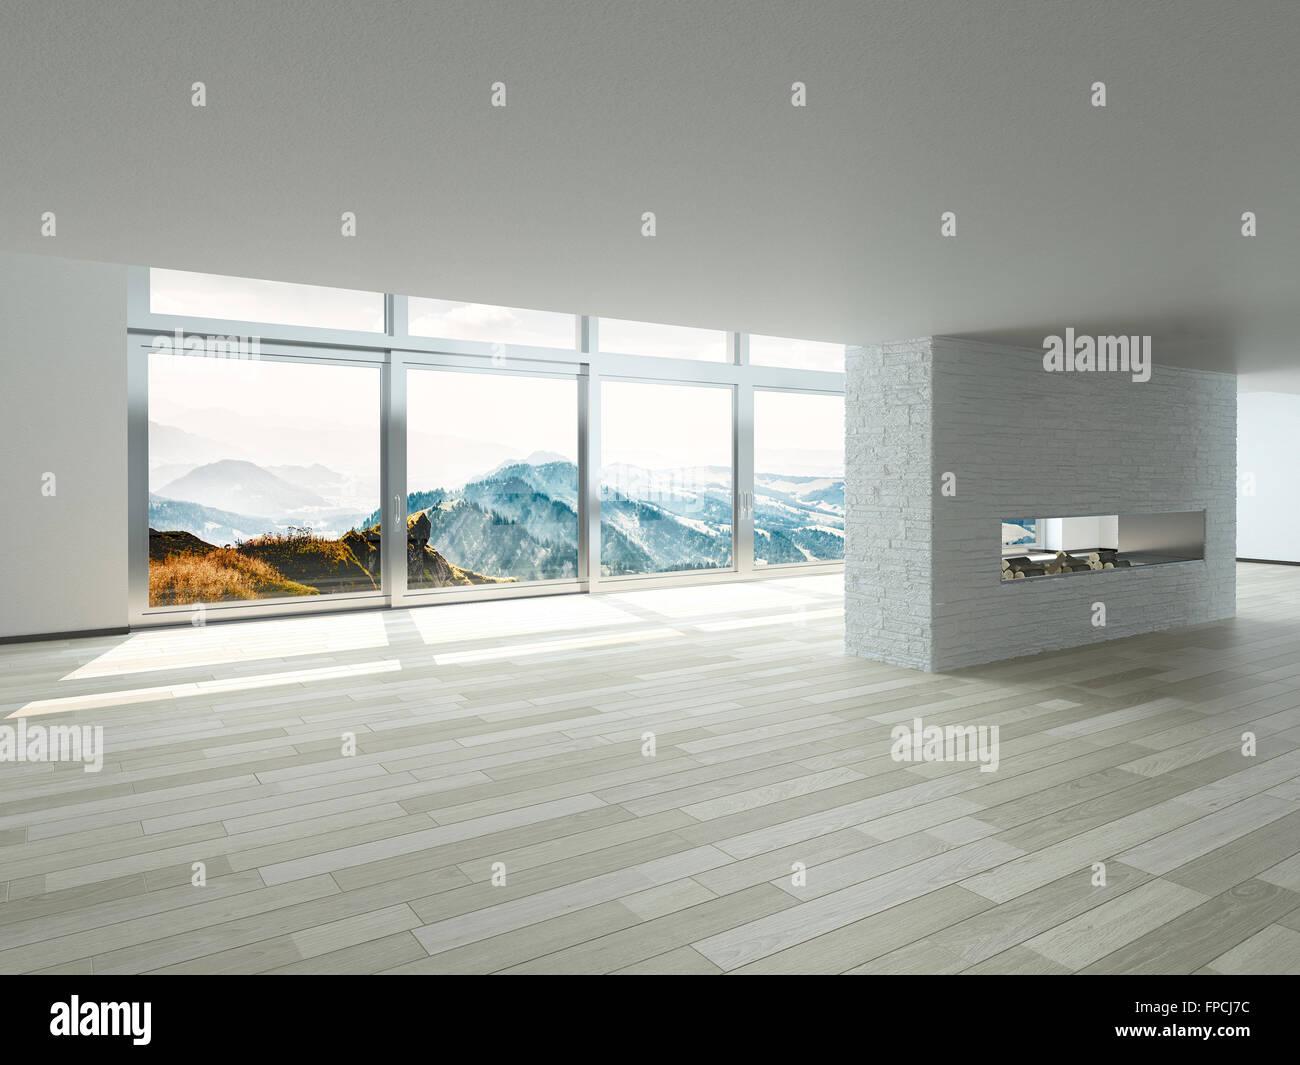 Leeren Wohnzimmer offene Innenraum mit weißen Wänden, Decke und ...